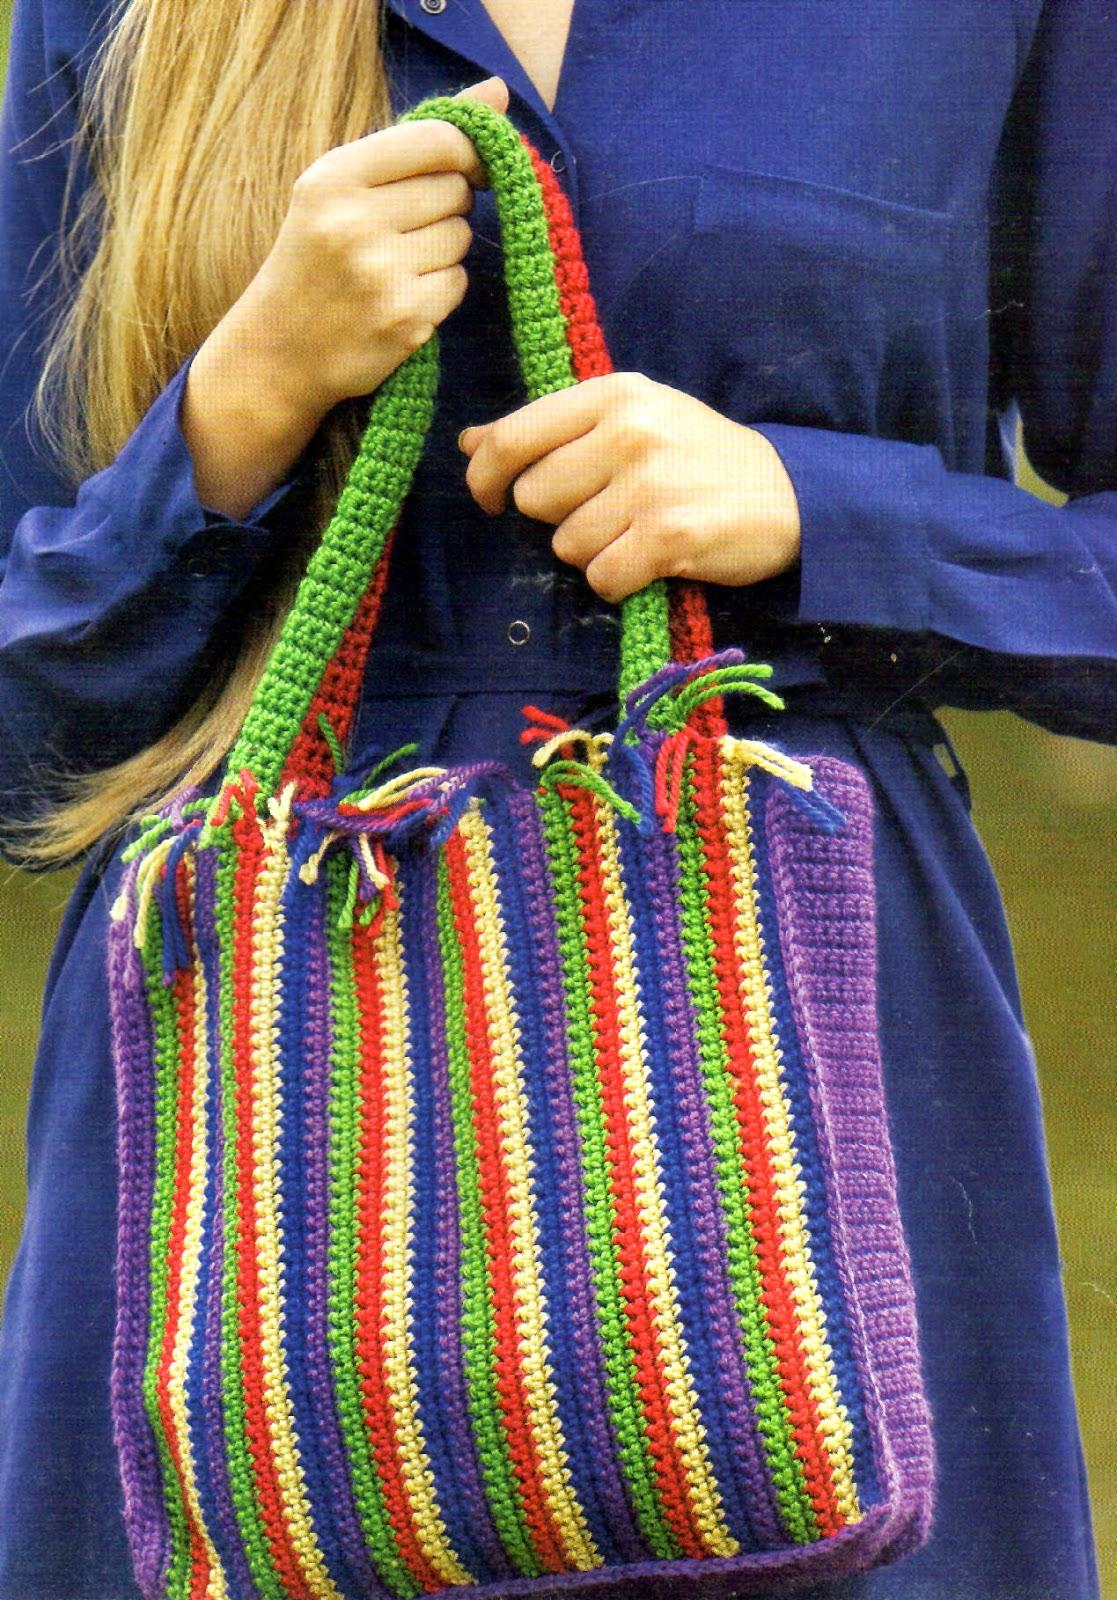 Tejidos artesanales en crochet crea un divertido bolso - Como hacer bolsos tejidos ...